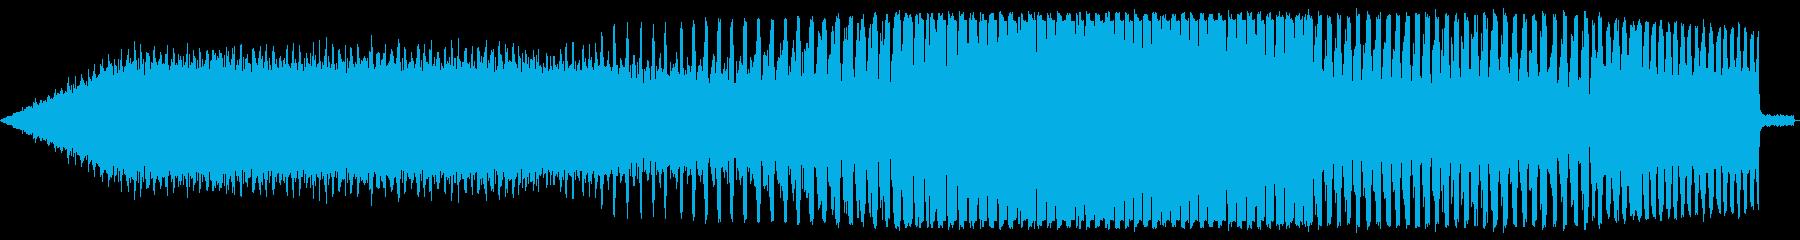 じーじーじー(クマ蝉)の再生済みの波形